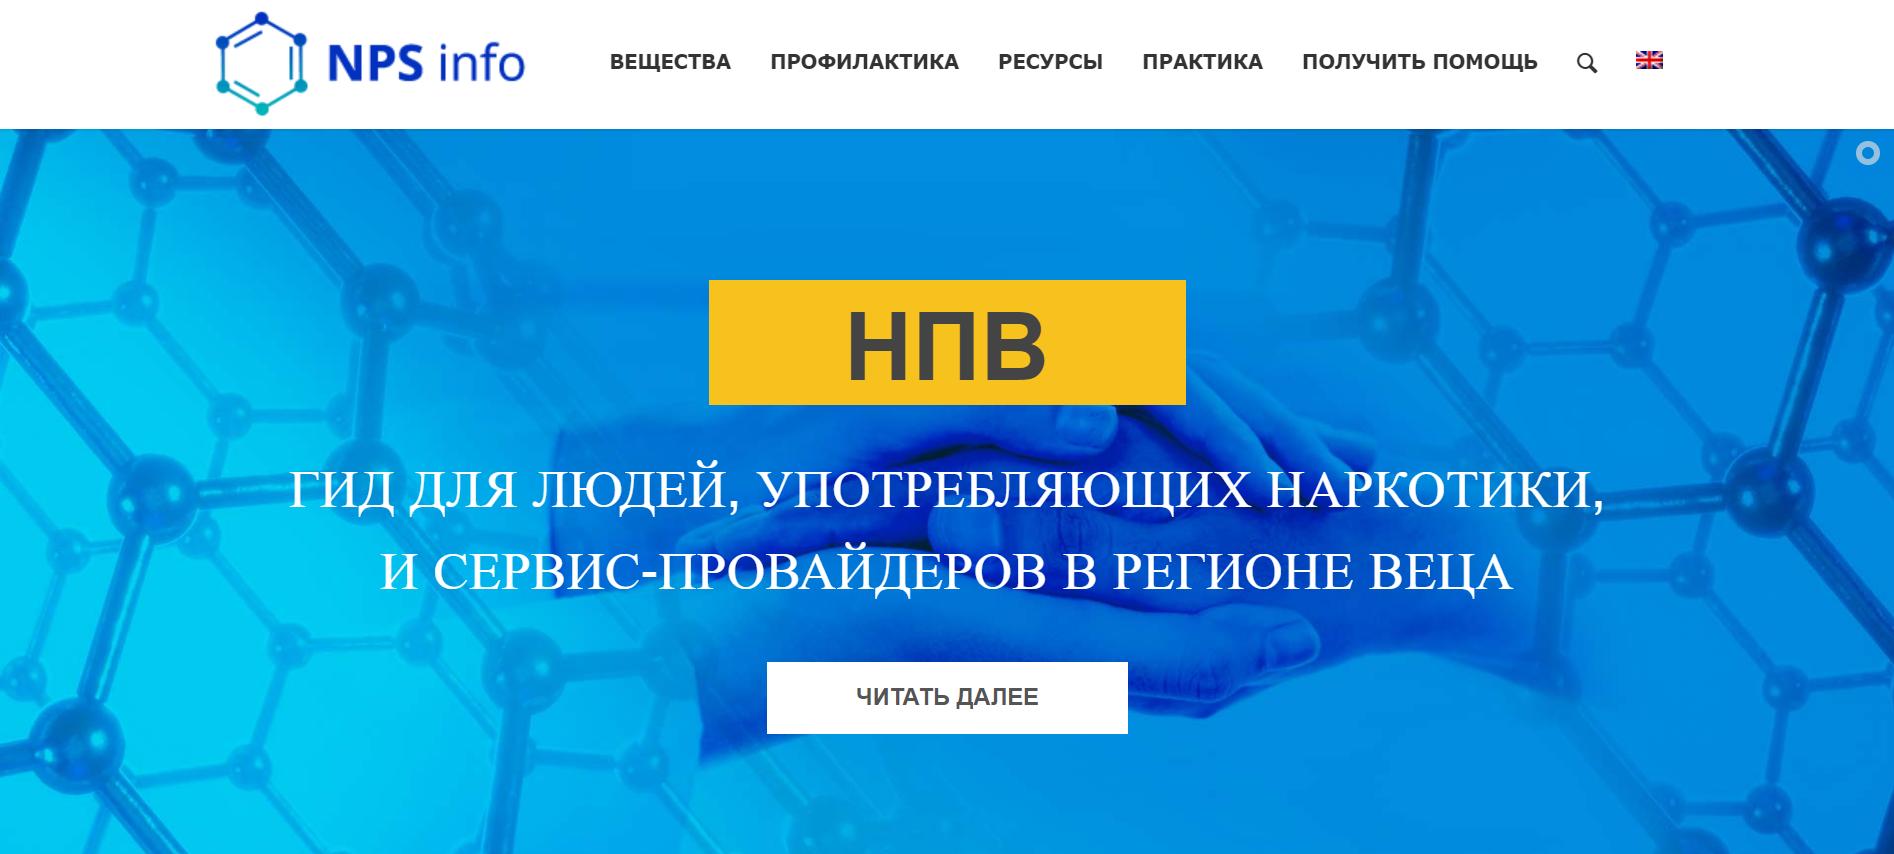 Помогли УНП ООН запустить веб-сайт по новым психоактивным веществам